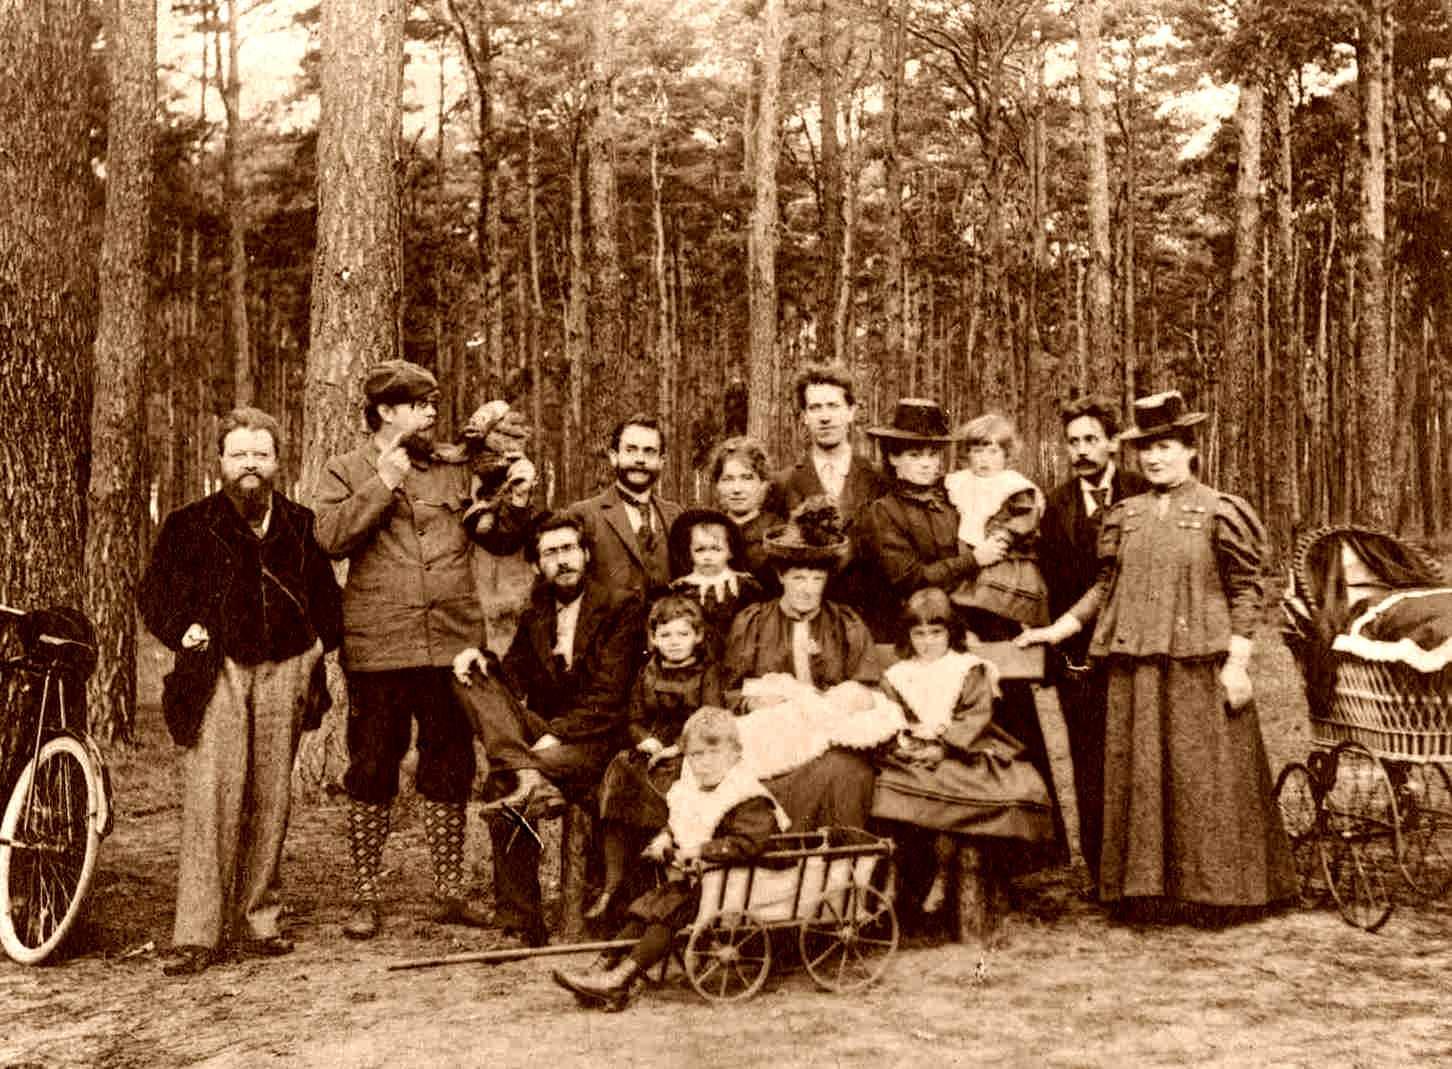 Grup d'anarquistes de Friedrichshagen en una sortida a Müggelsees (octubre de 1898). Dempeus, d'esquerra a dreta: Wilhelm Bölsche, Bruno Wille (amb una titella), Wilhelm Spohr, Minna Spohr, Albert Weidner, Franziska Weidner, Hans Weidner, Matthias Malaschitz i Auguste Wille. Asseguts, d'esquerra a dreta: Gustav Landauer, Charlotte Landauer, Helene Spohr (amb coll amb puntetes), Johanna Bölsche amb son fill Erns Bölsche i Elly Weidner